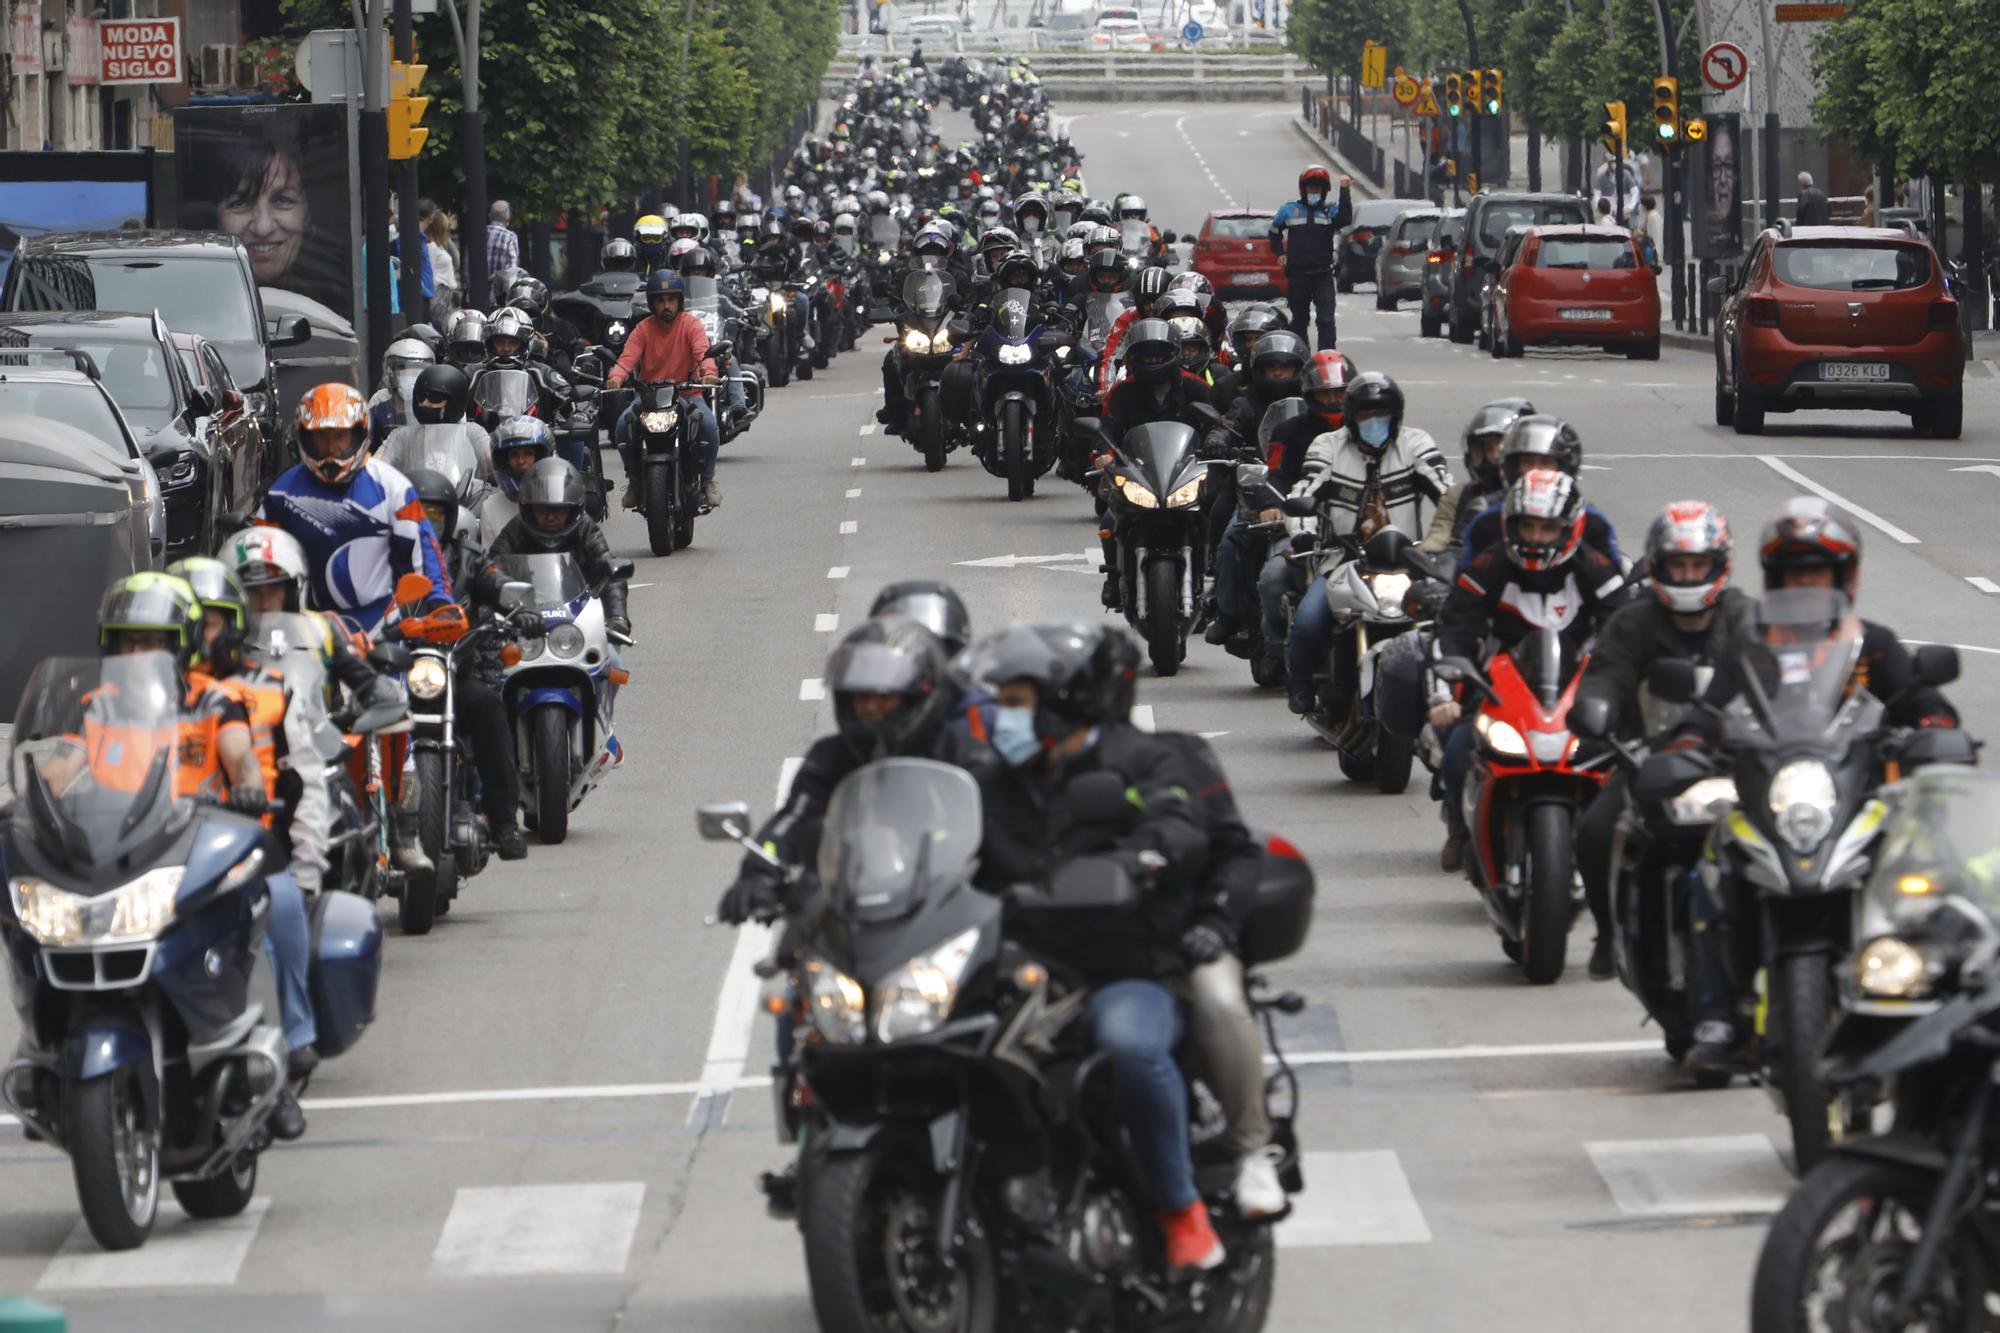 Concentración motos en Gijón